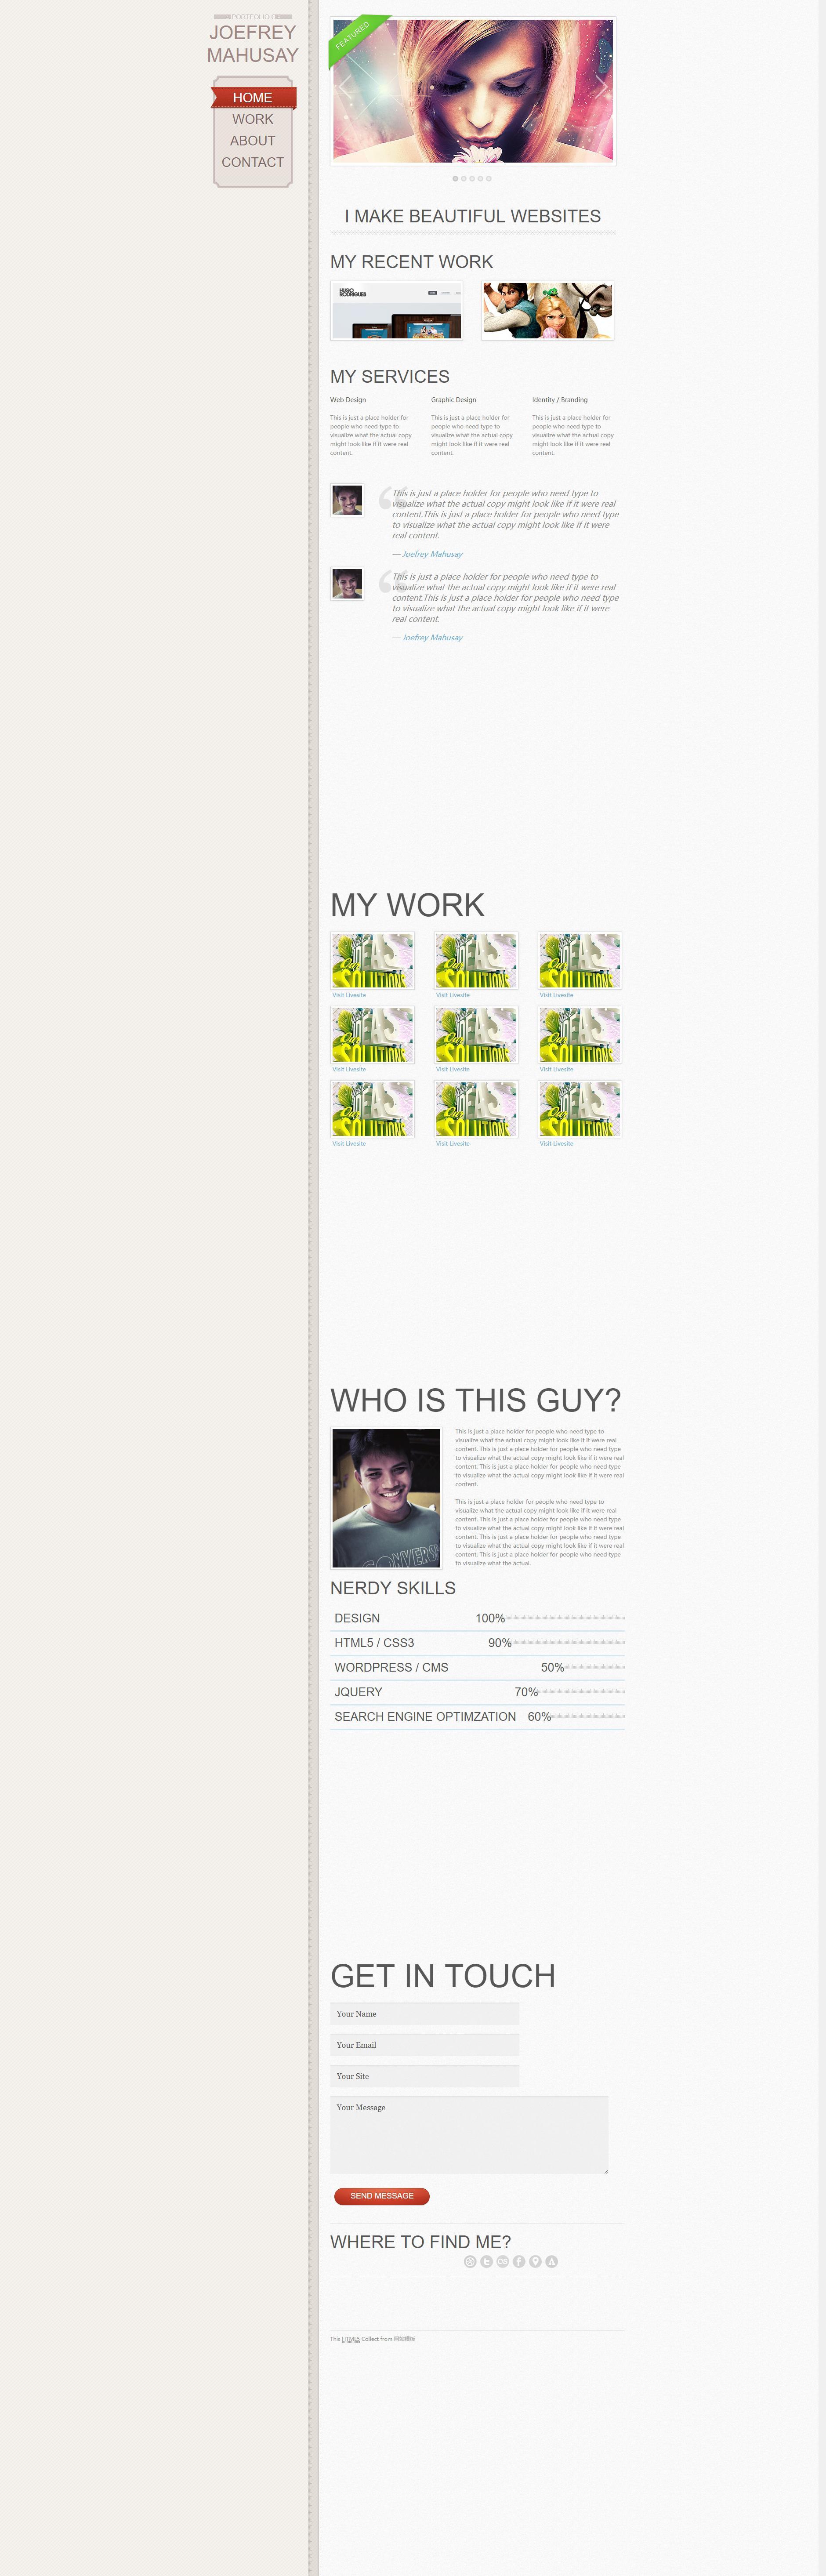 非常炫的网页设计师个人网站全站HTML5网页模版下载